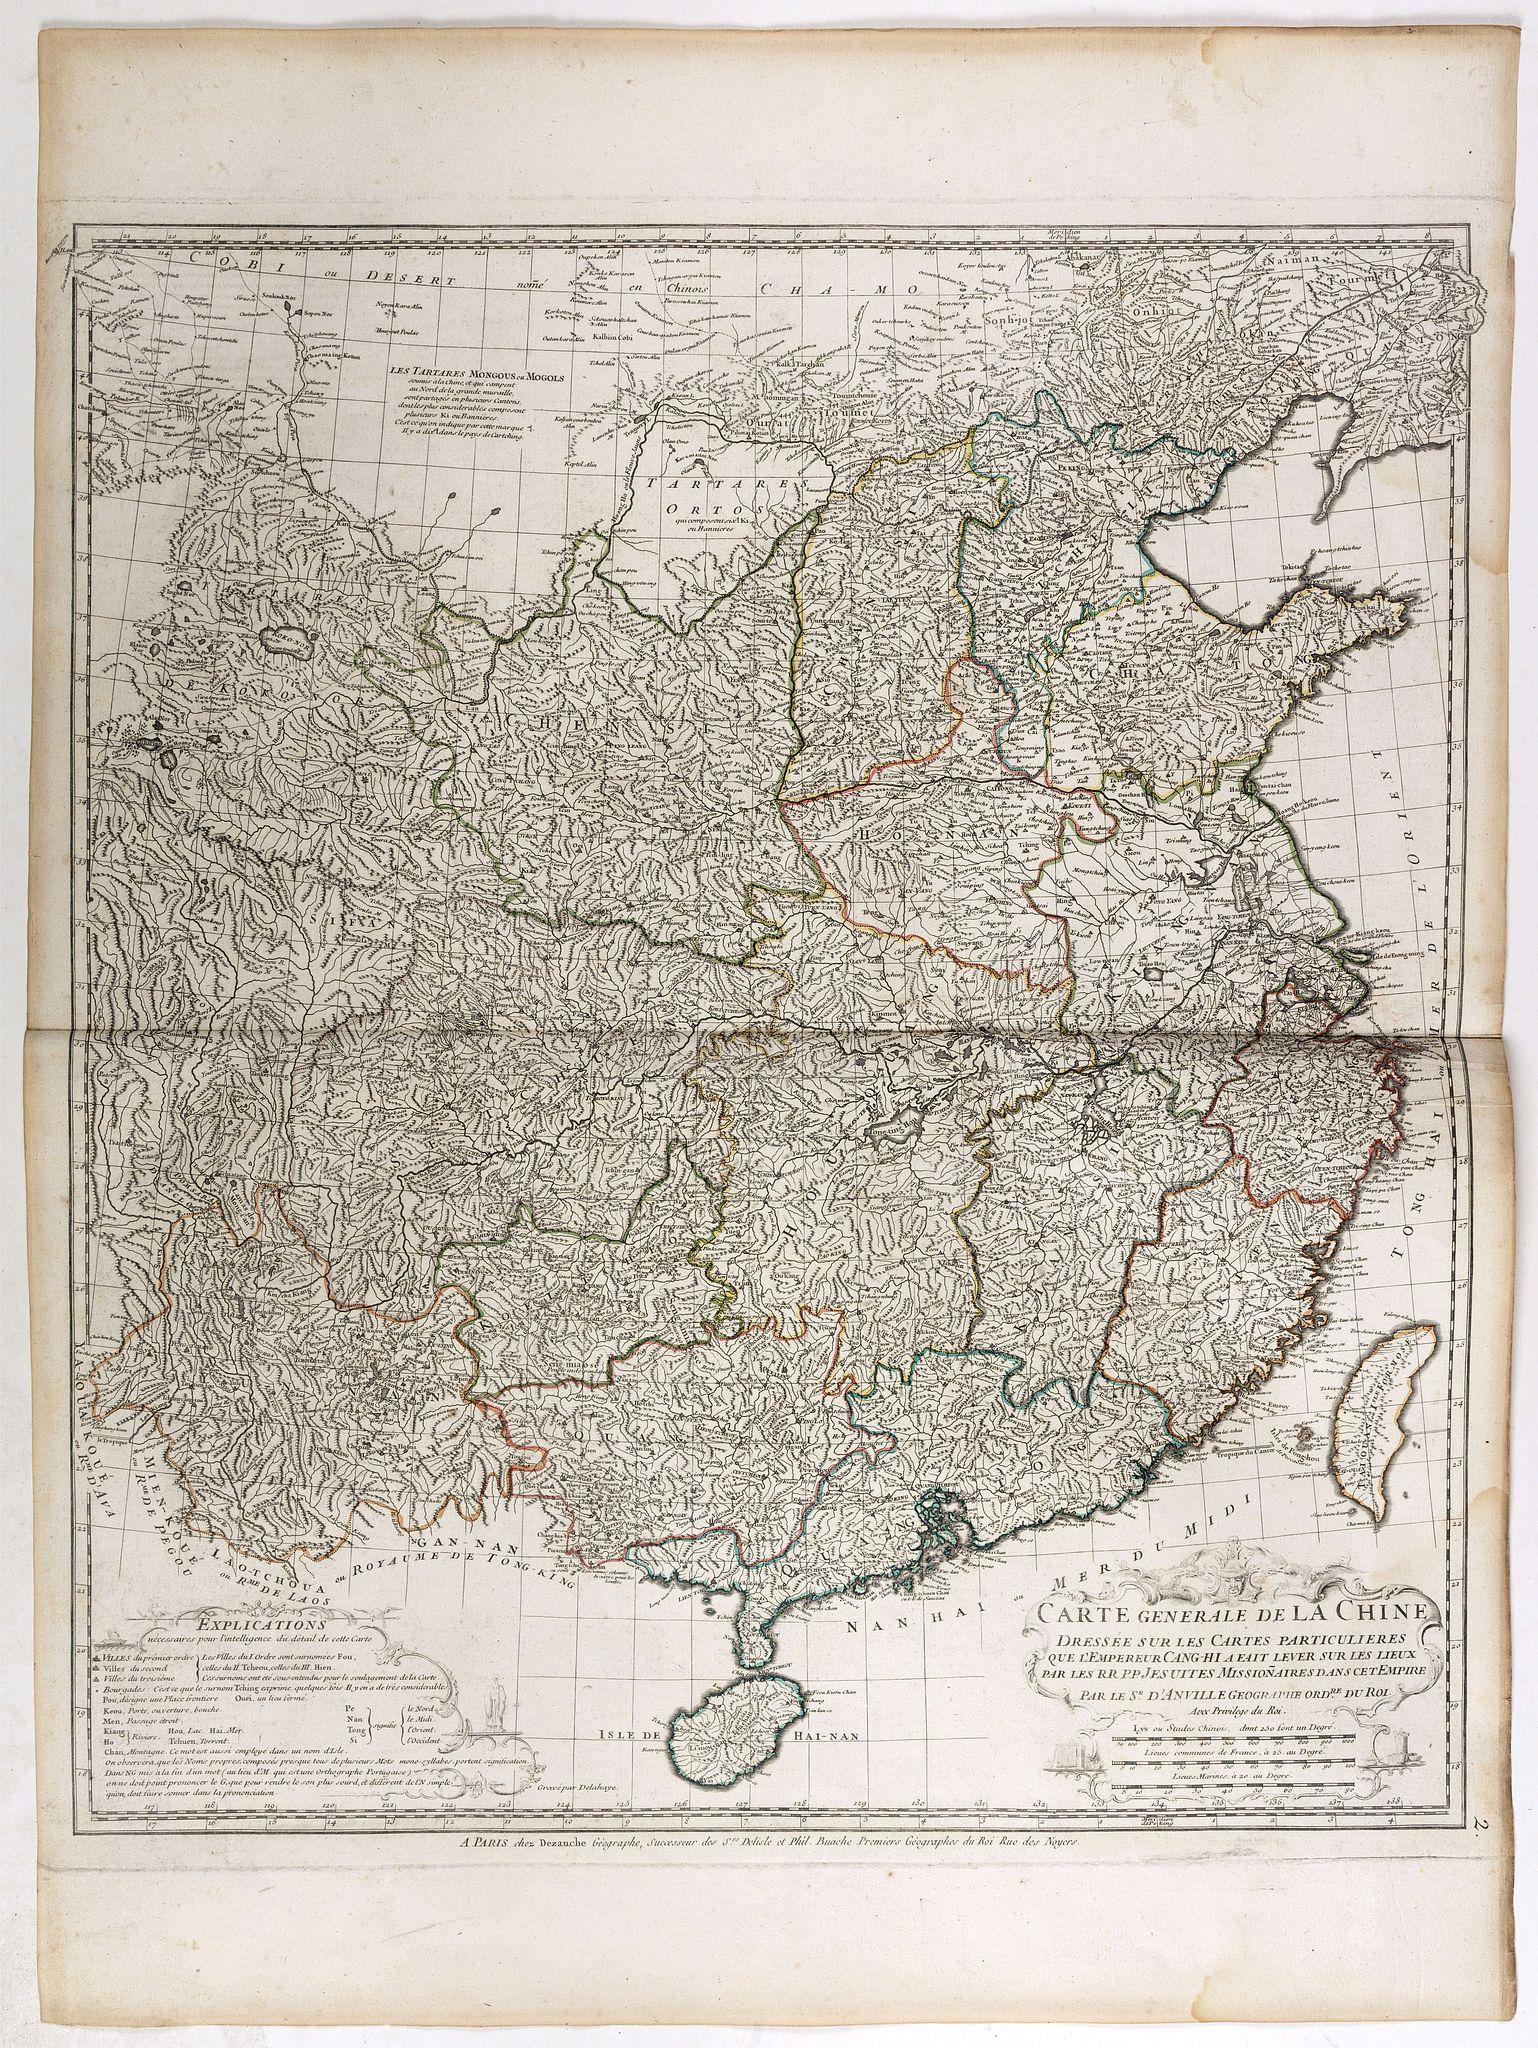 D'ANVILLE, J-B. -  Carte Generale de la Chine Dressée sur les Cartes Particulieres Que l' Empereur Chang-Hi a fait lever sur les lieux. . . .